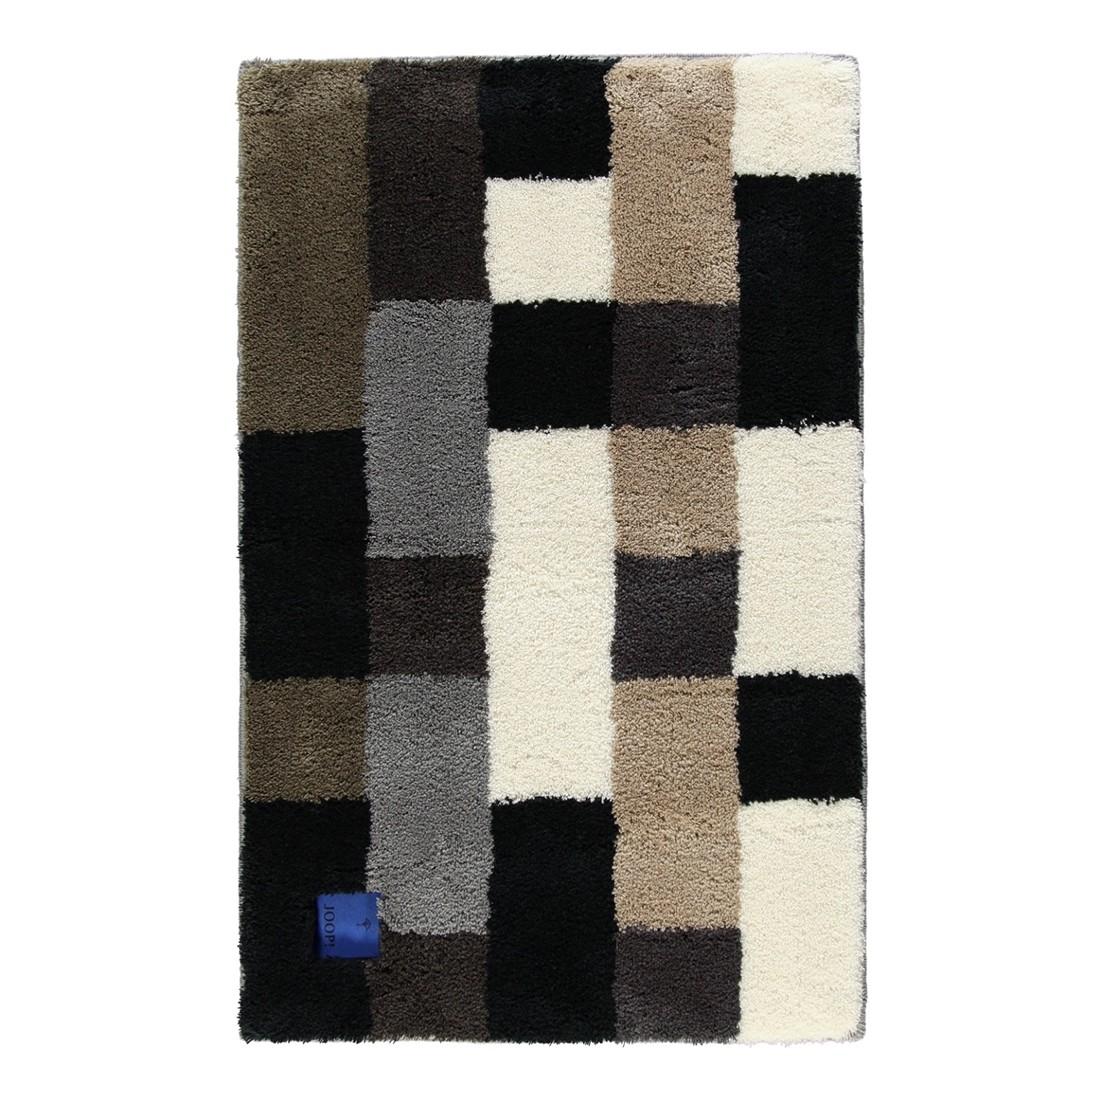 badematten badteppiche online kaufen. Black Bedroom Furniture Sets. Home Design Ideas